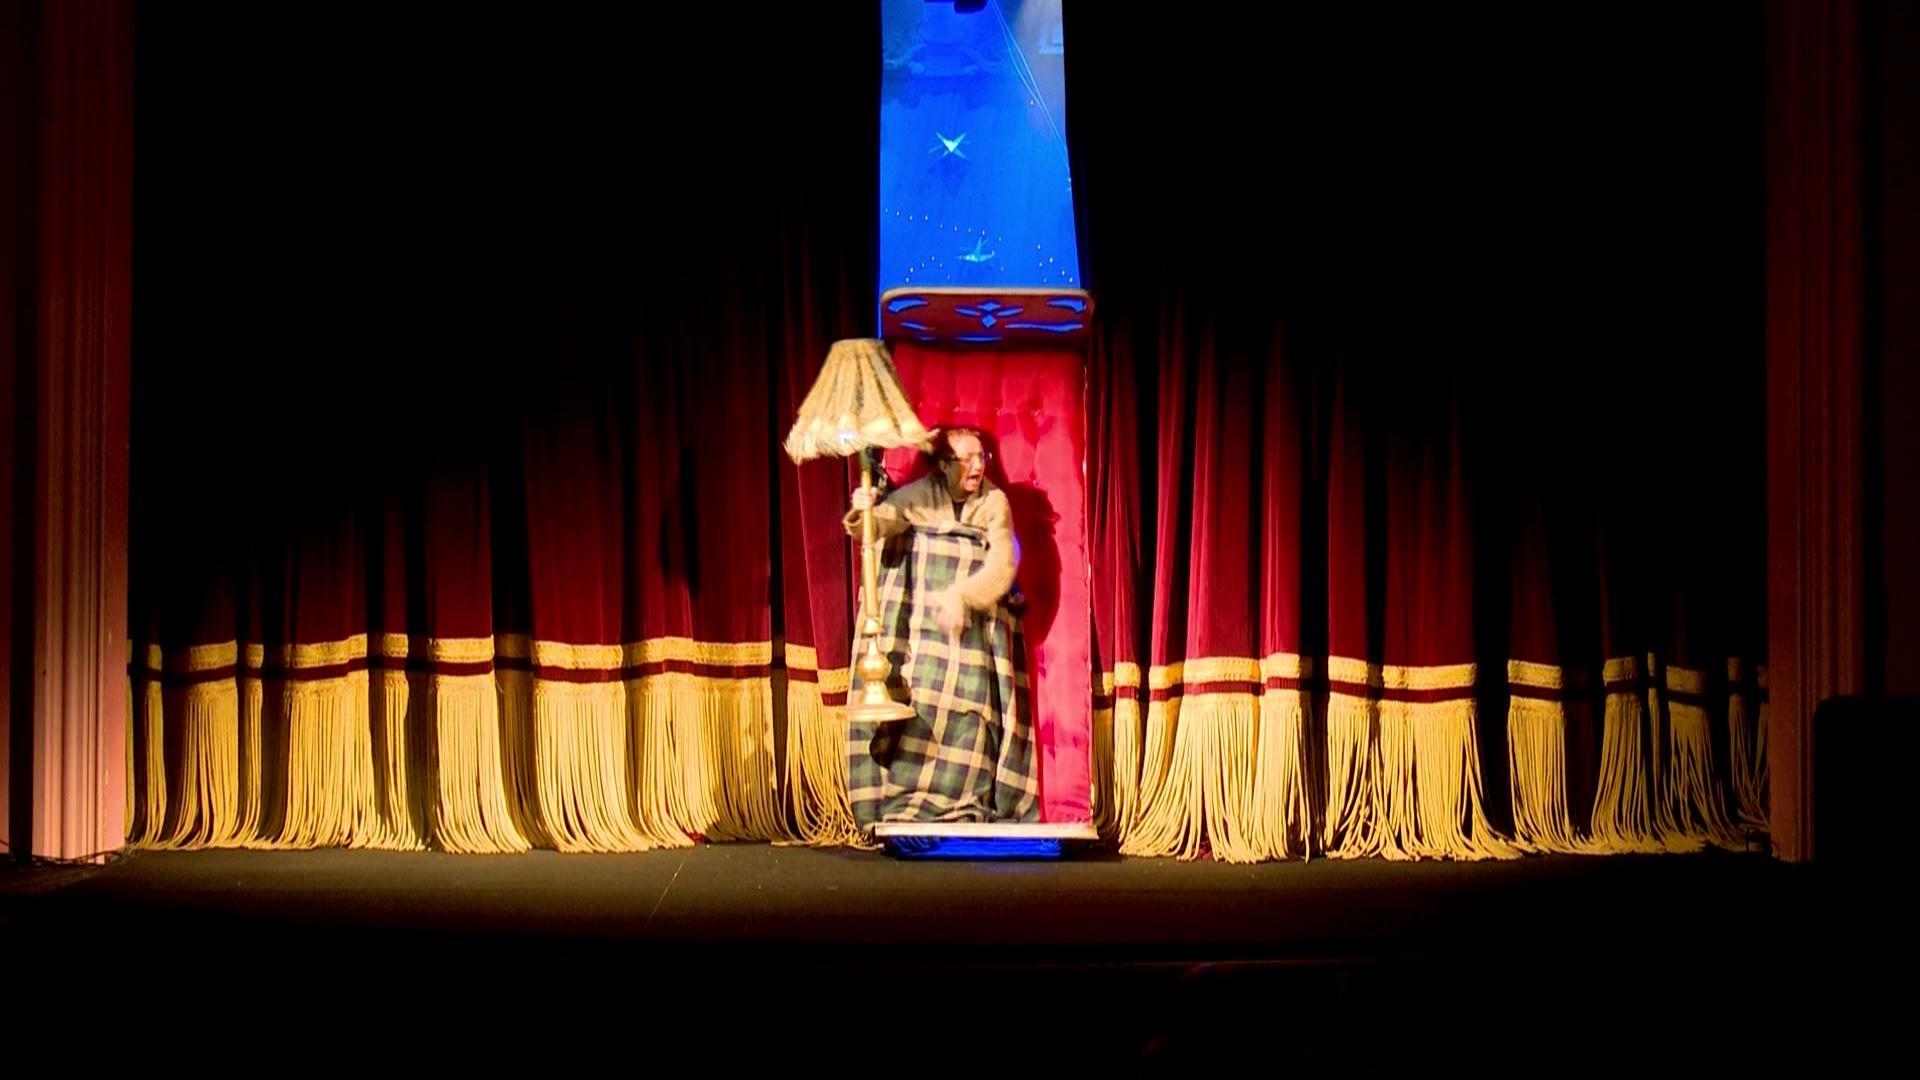 მერი პოპინსი-პრემიერა თოჯინების თეატრში